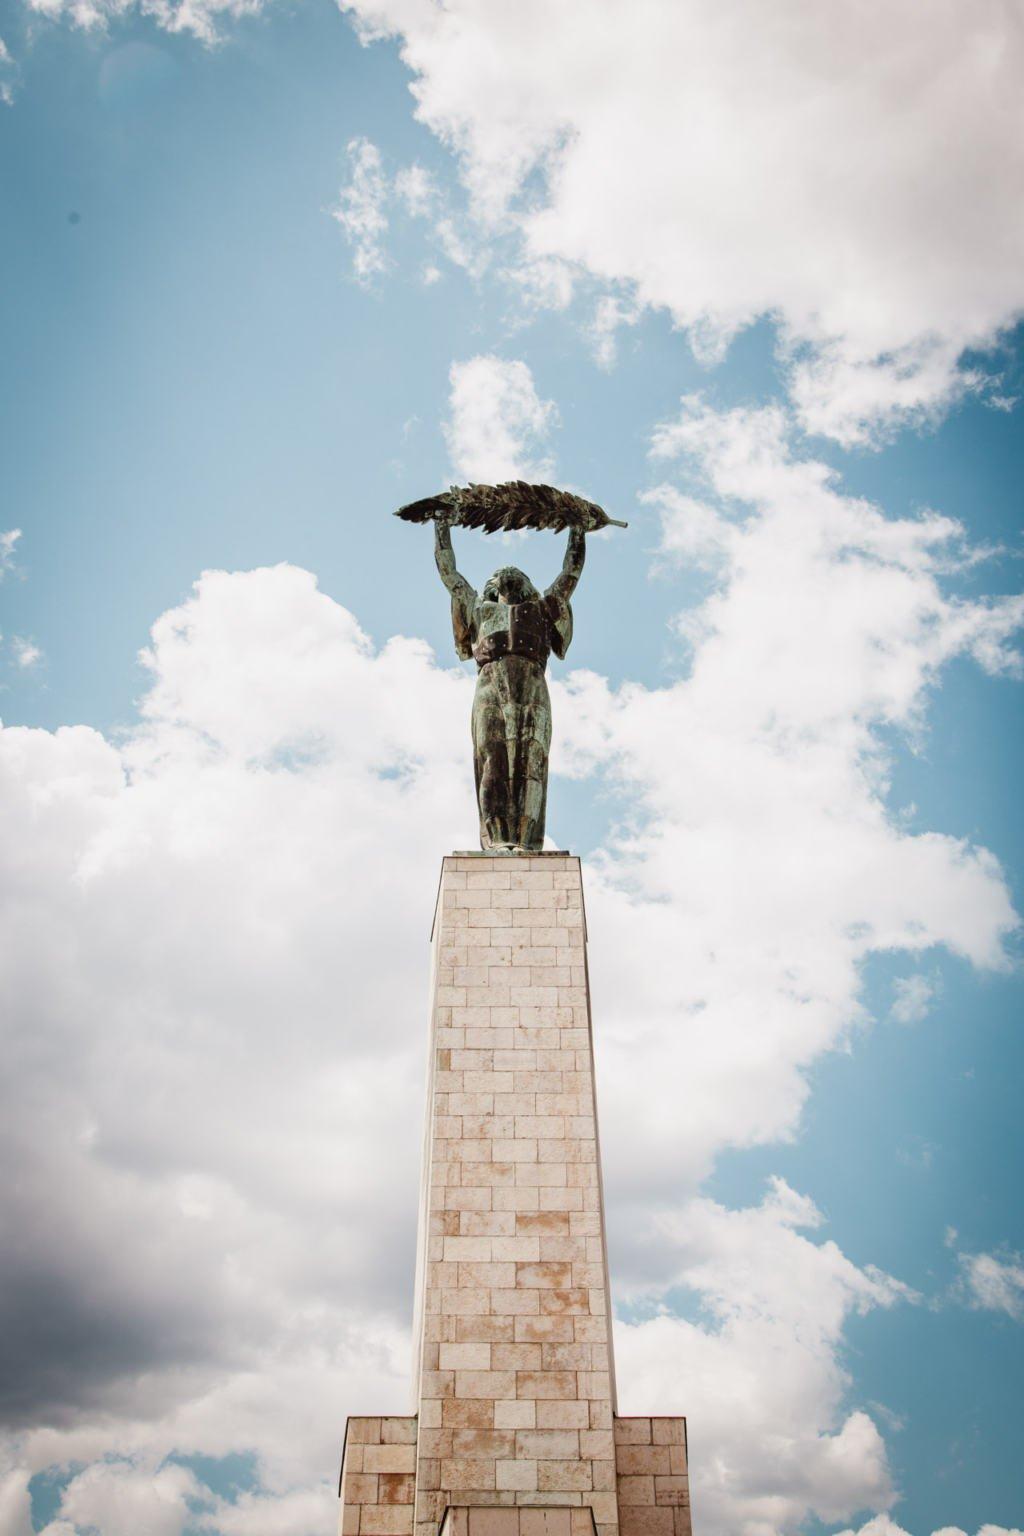 Szabadság szobor, Liberty Statue, Géllert Hill, Budapest, Hungary